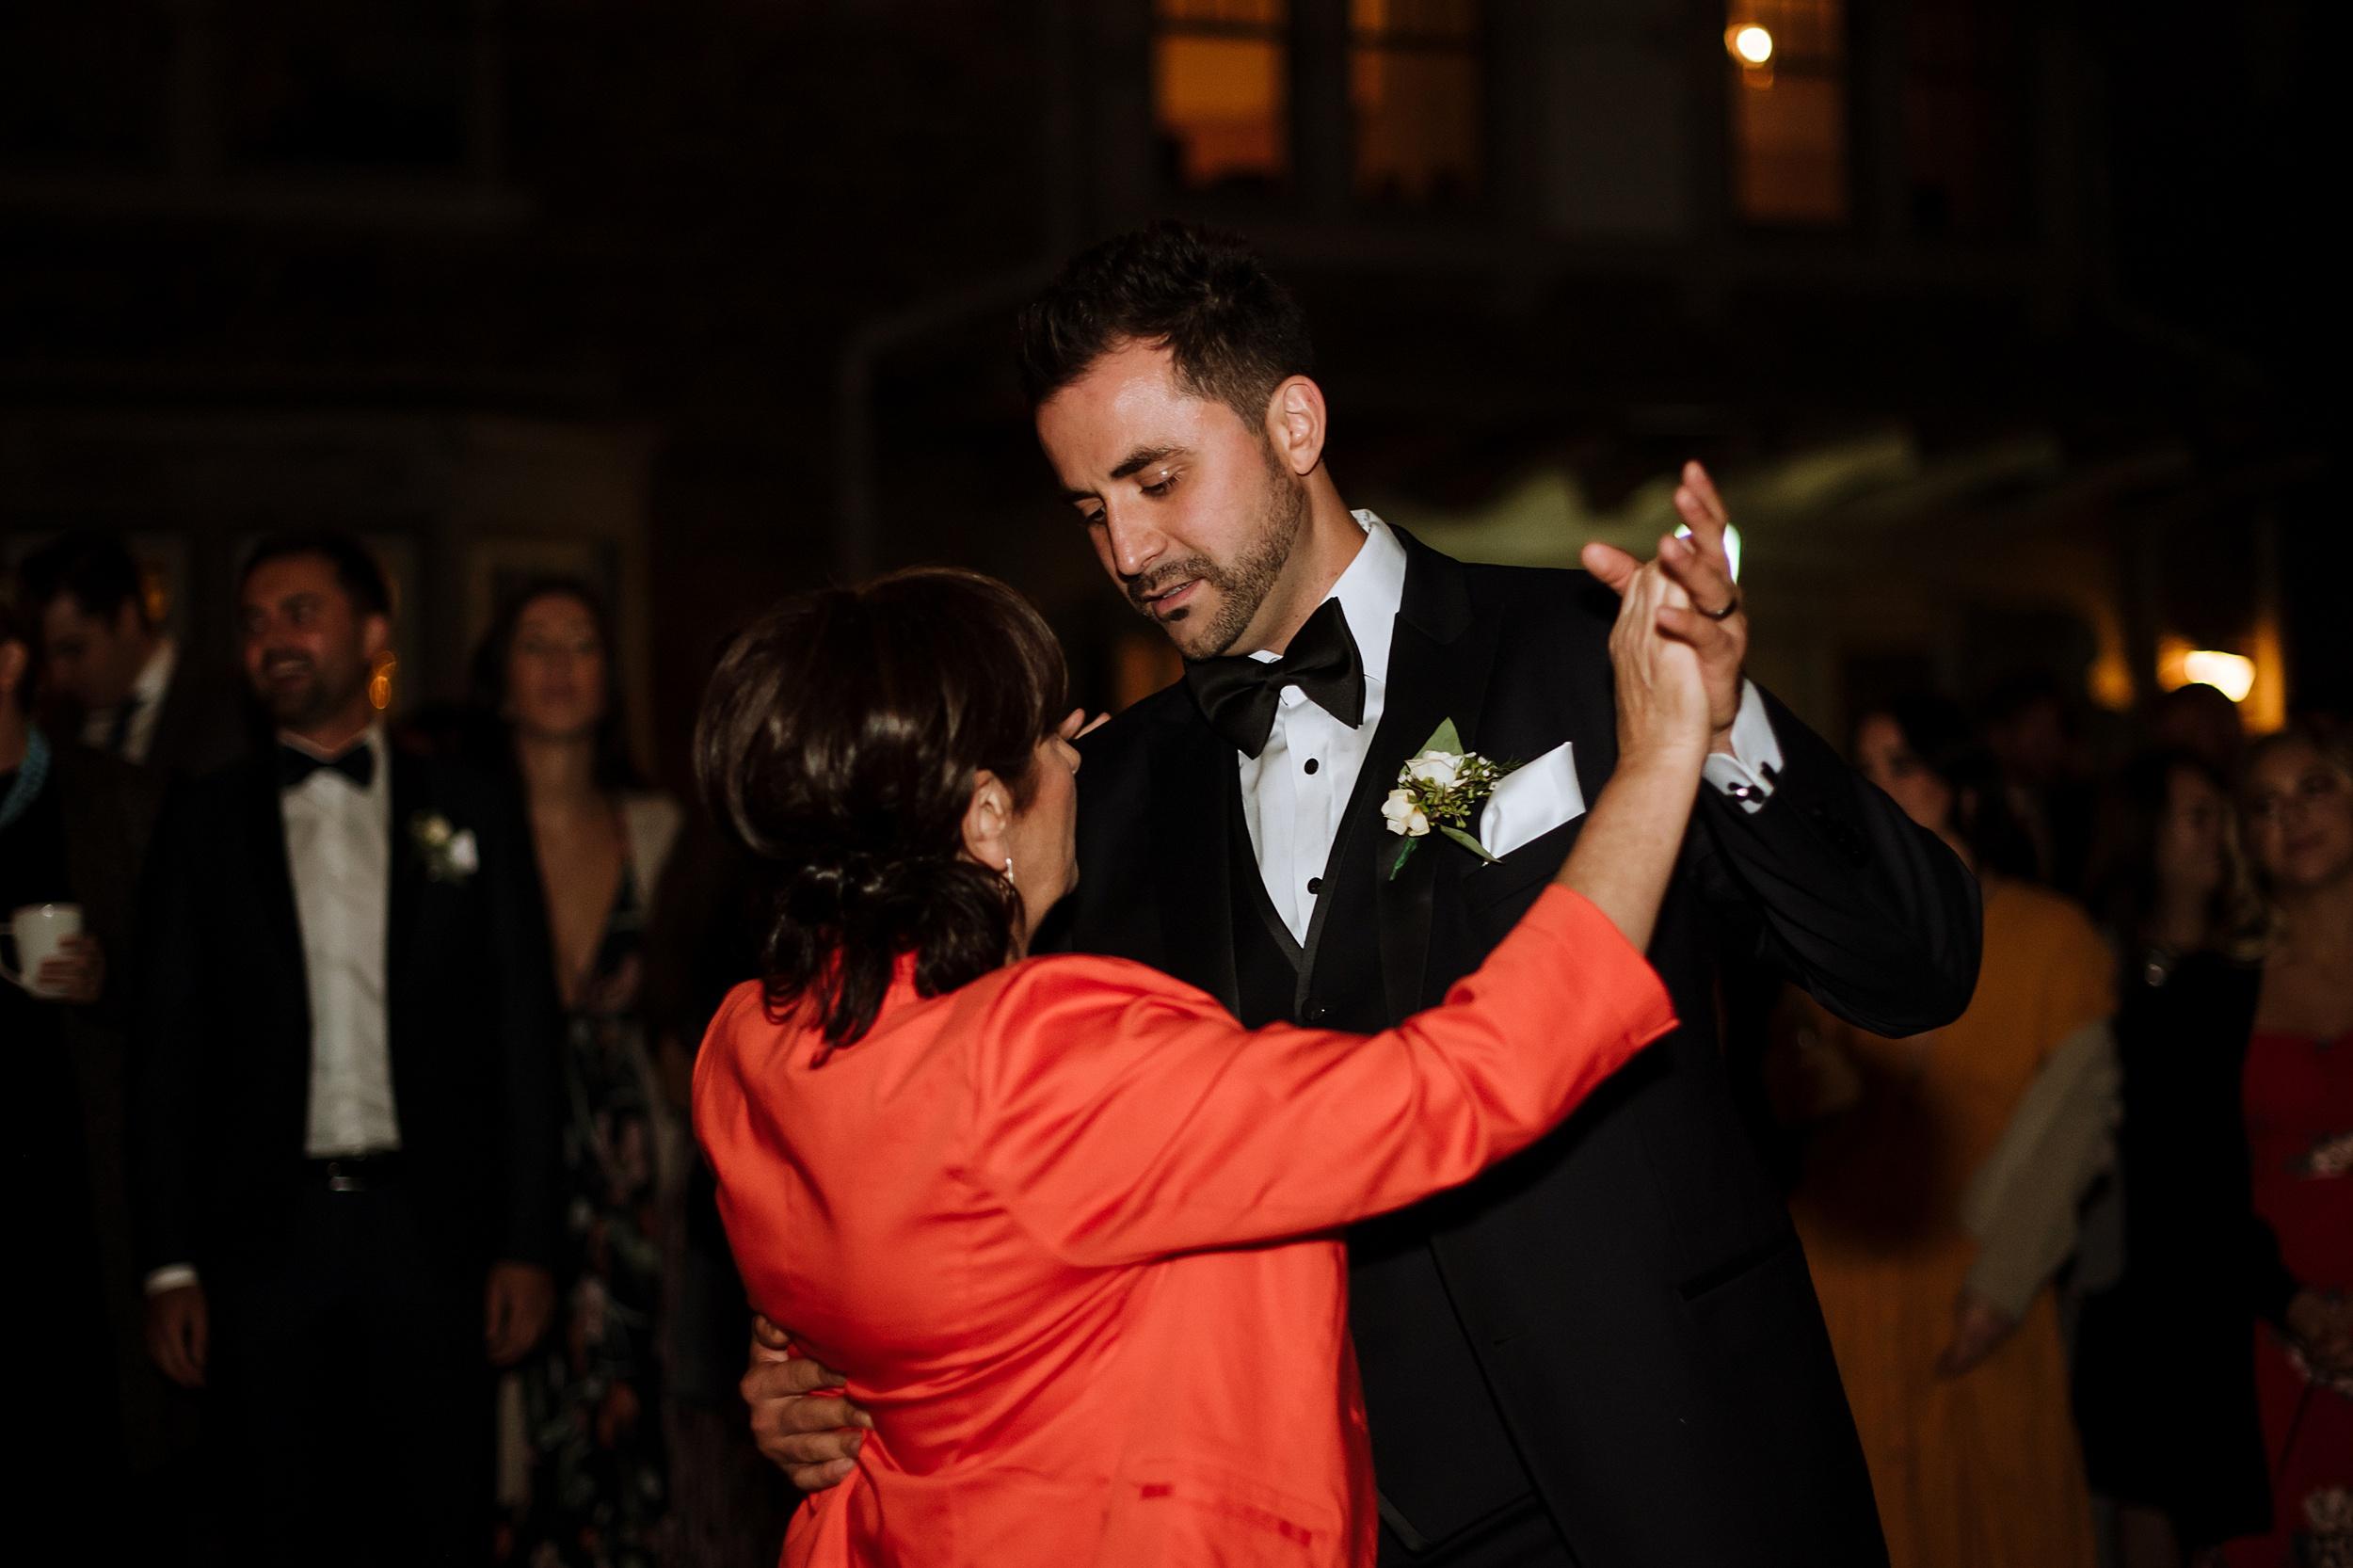 Rustic_Backyard_Wedding_Toronto_Photographer178.jpg